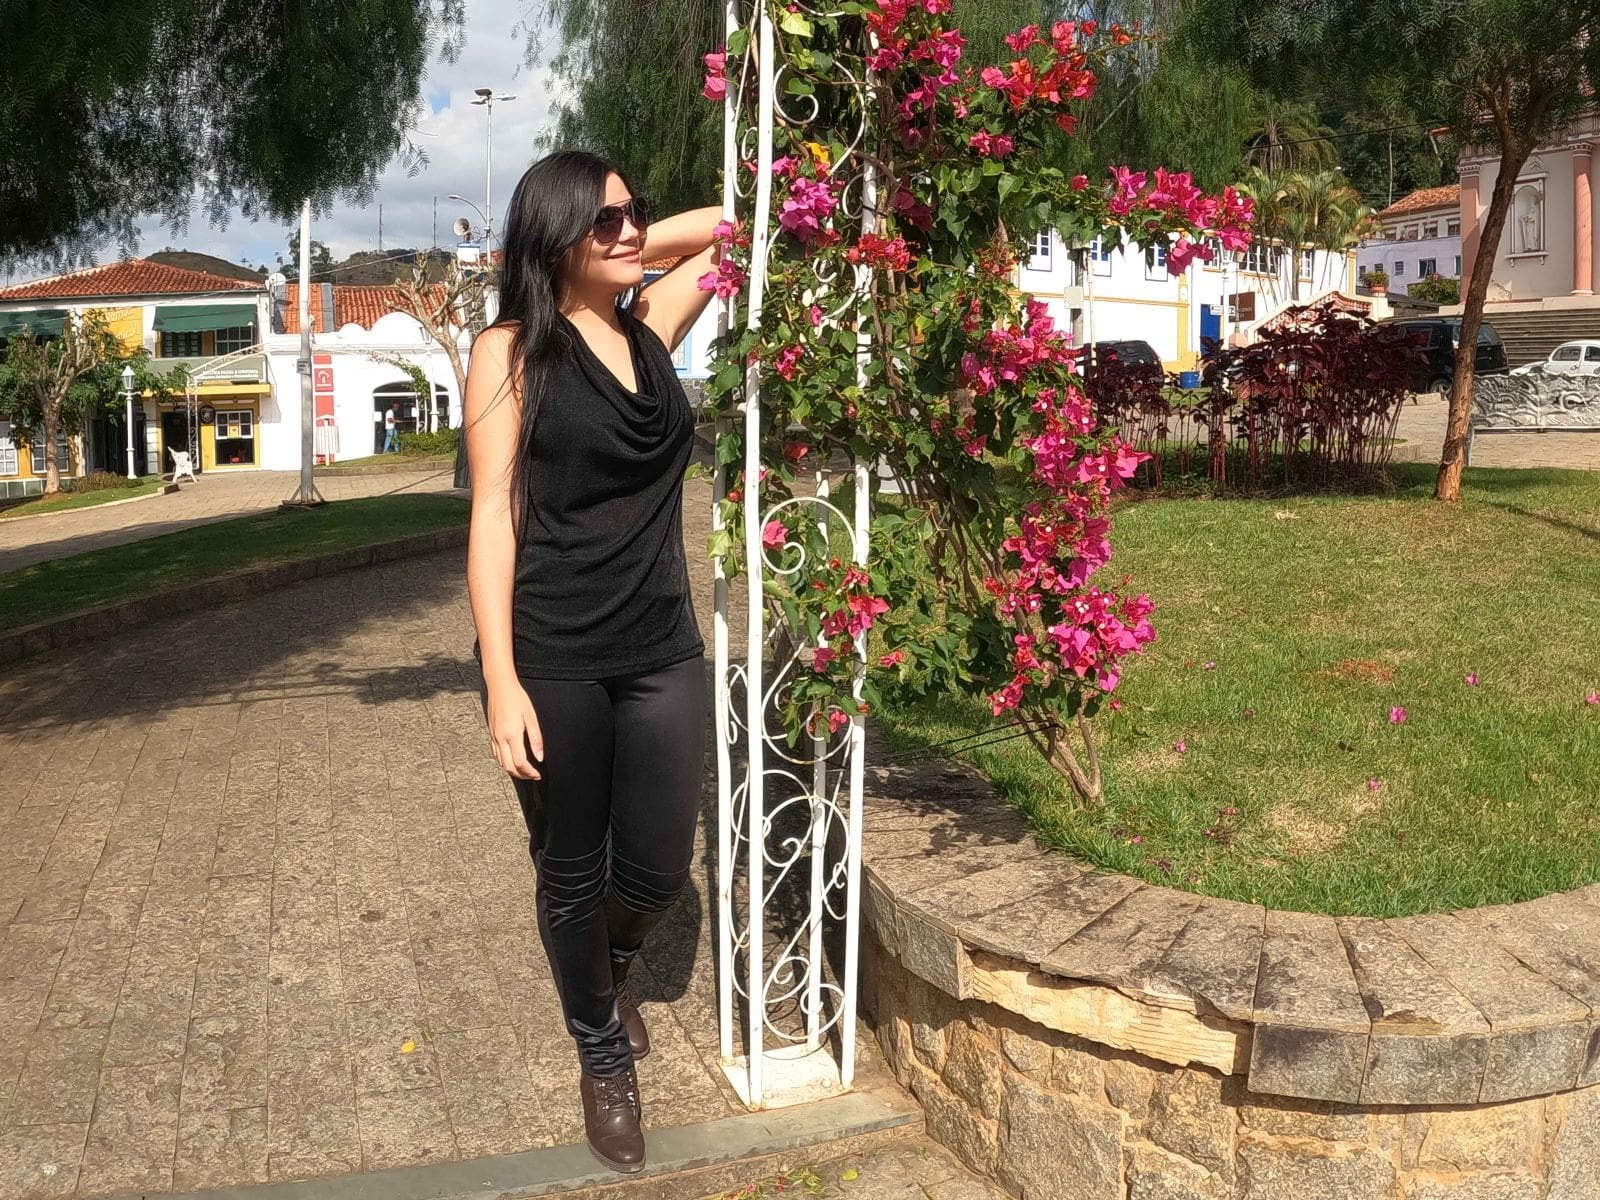 mulher em sorrindo em uma praça de cidade pequena